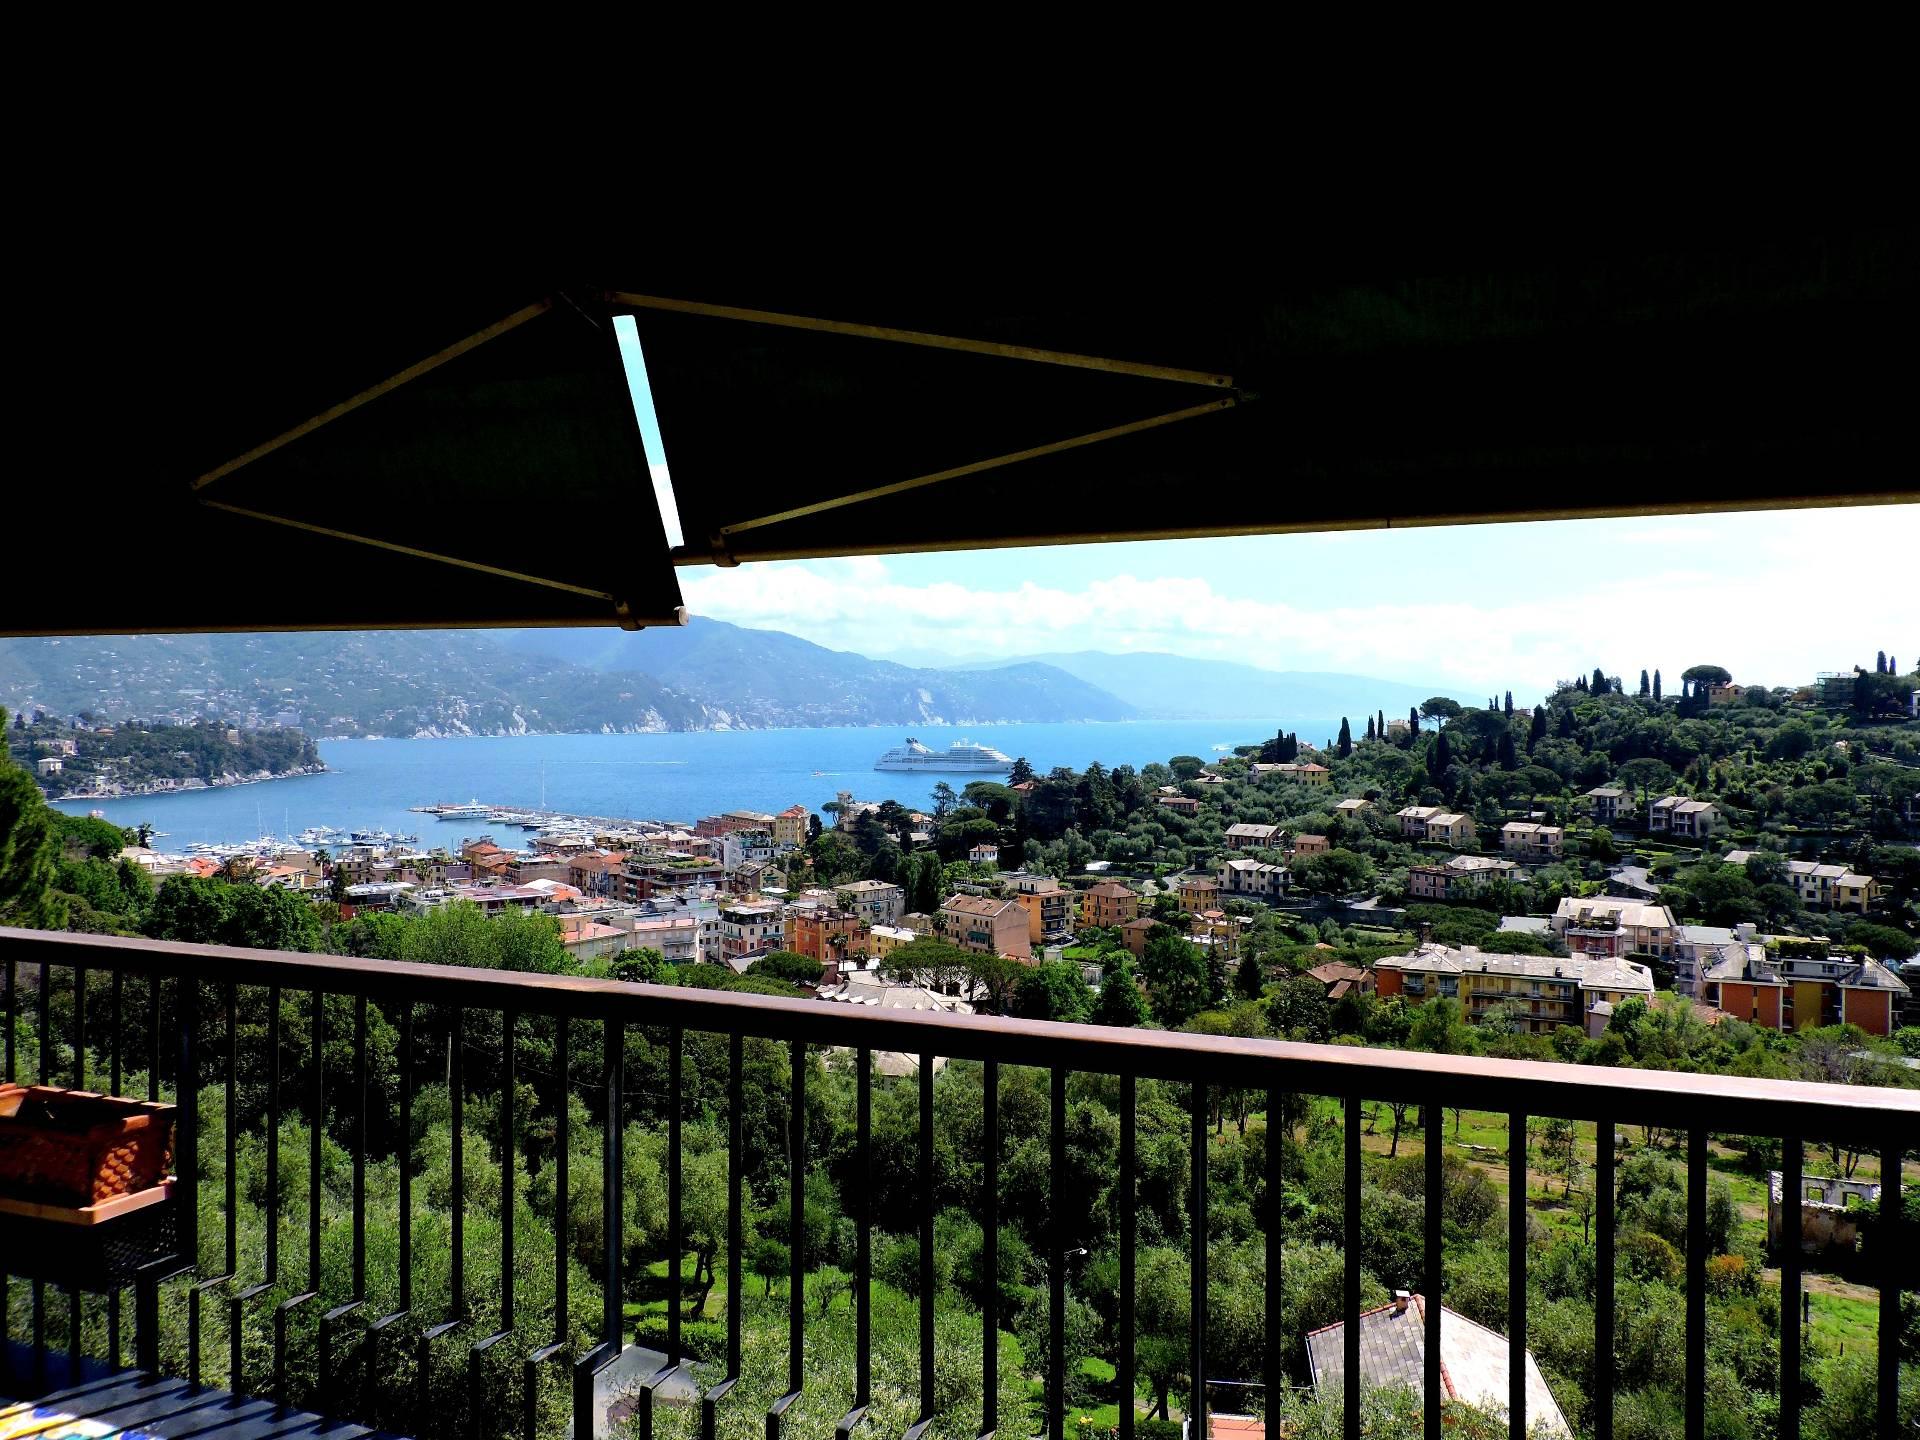 Appartamento in affitto a Santa Margherita Ligure, 5 locali, prezzo € 2.500 | CambioCasa.it